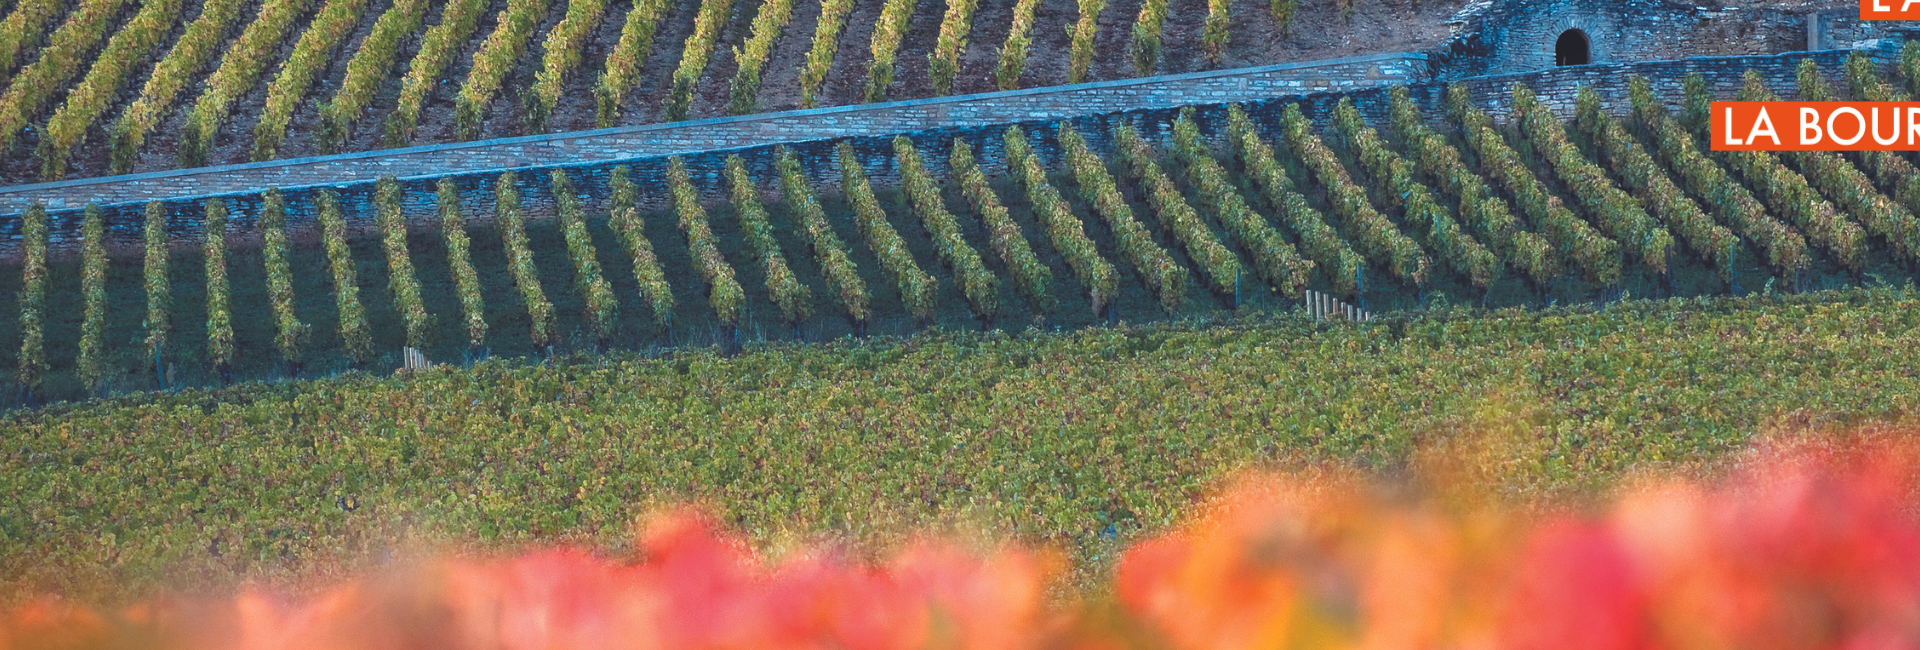 """Die Weinberge der Region - """"Climats de Bourgogne » - M.Joly"""